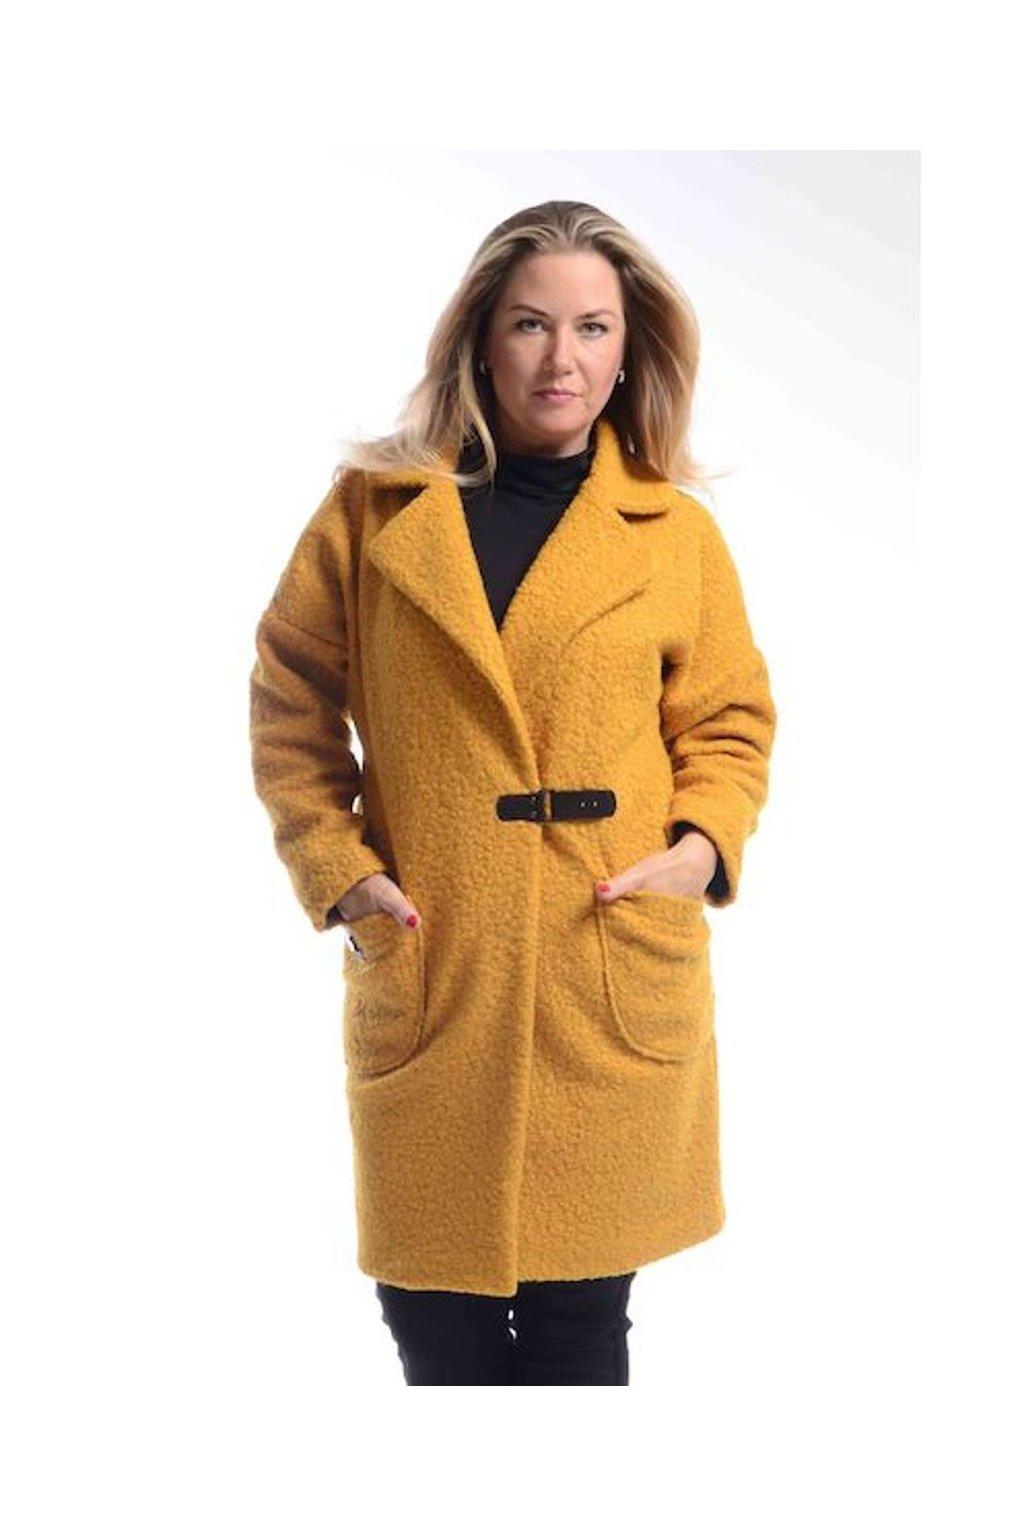 7320 Kabát Carla (Velikost L, Barva Hořčicová)